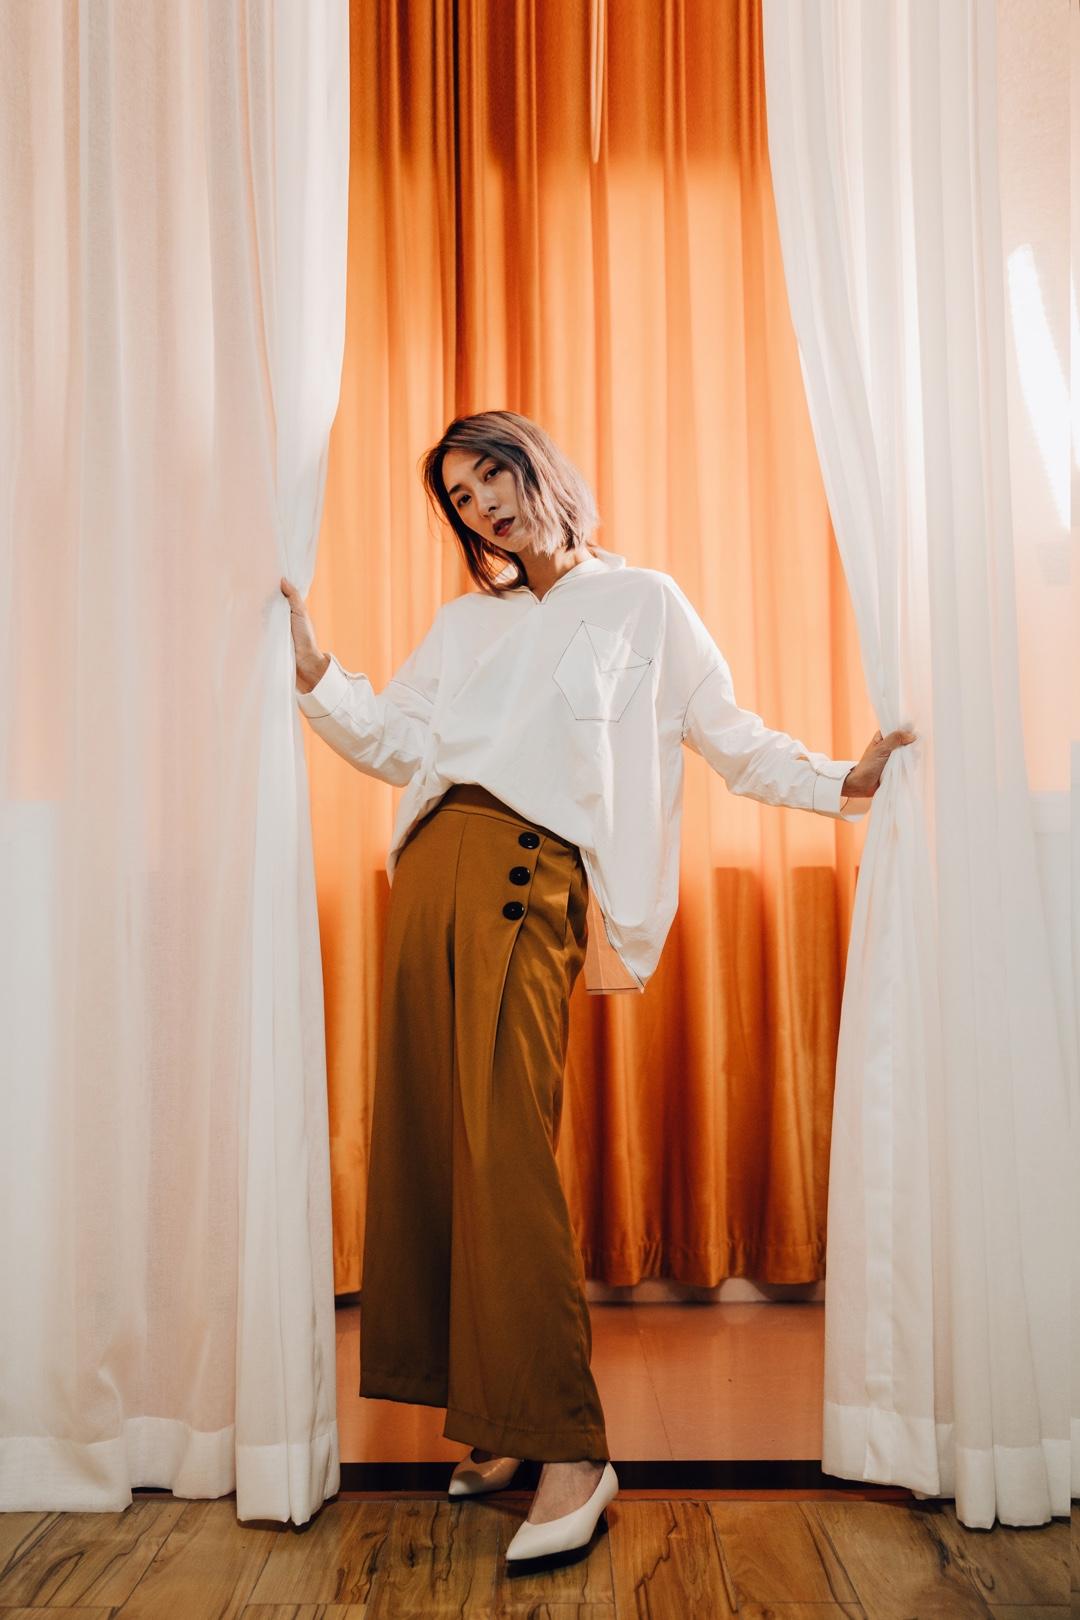 ViLook | Vol.295 ———— 白衬衫可不仅仅数男生穿了好看,女生穿也可以很有气质噢。一向很喜欢Icy的设计,简单的白衬衫加一些线条就一点都不普通啦,用焦糖色阔腿裤搭配白衬衫,给少年感的白衬衫加一些成熟的味道。  包包:DoubleX 鞋:Needle 衬衣:ICY 阔腿裤:Zara  #2019早秋流行第一弹#